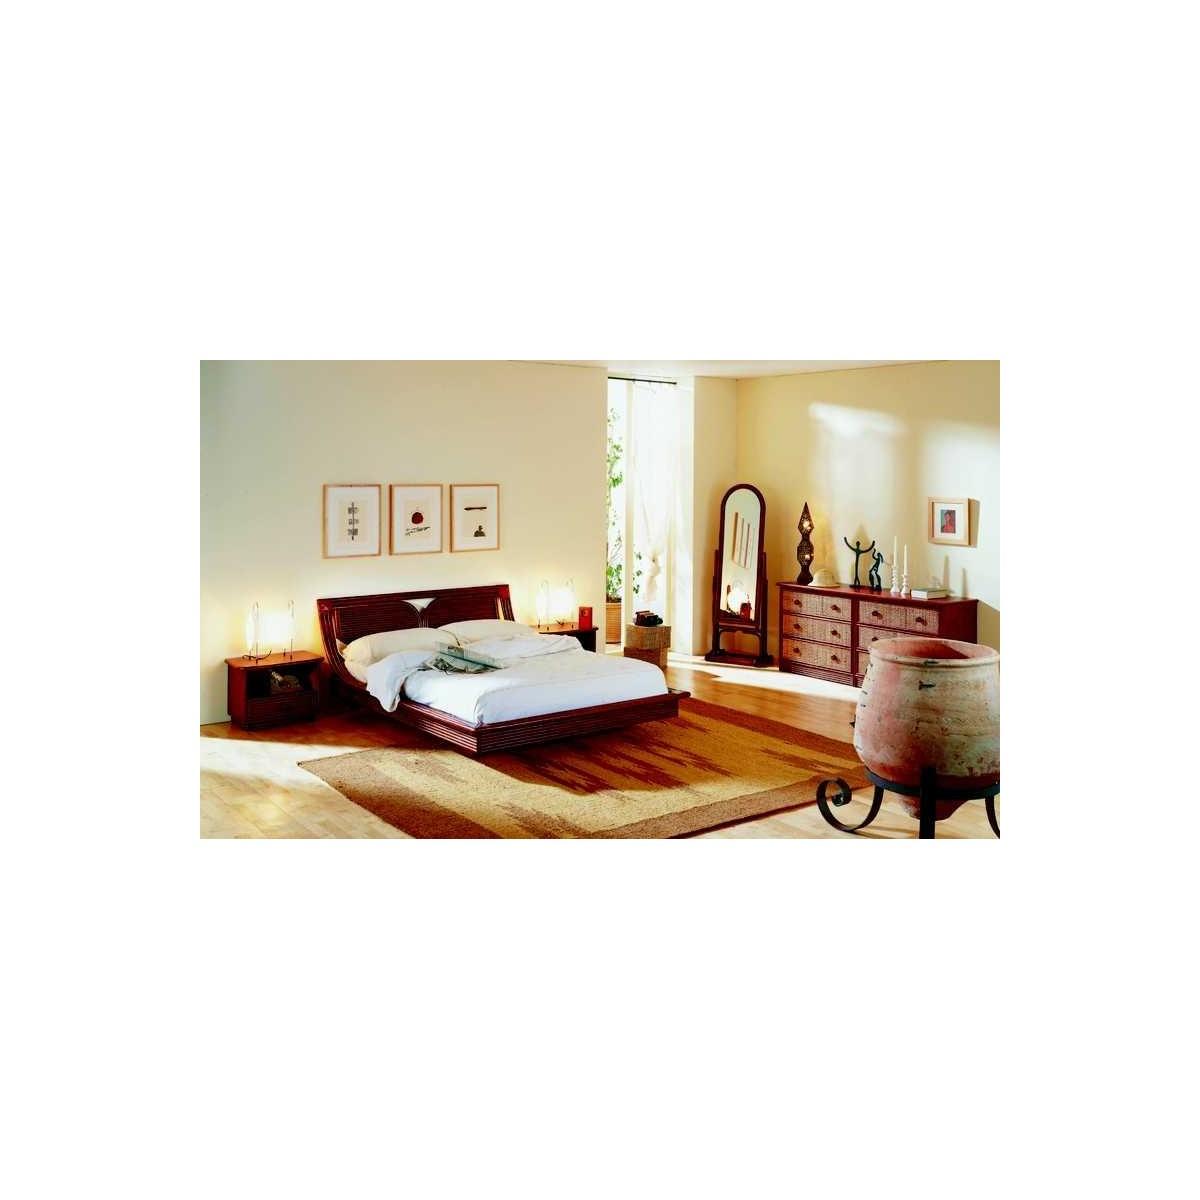 lit en rotin. Black Bedroom Furniture Sets. Home Design Ideas